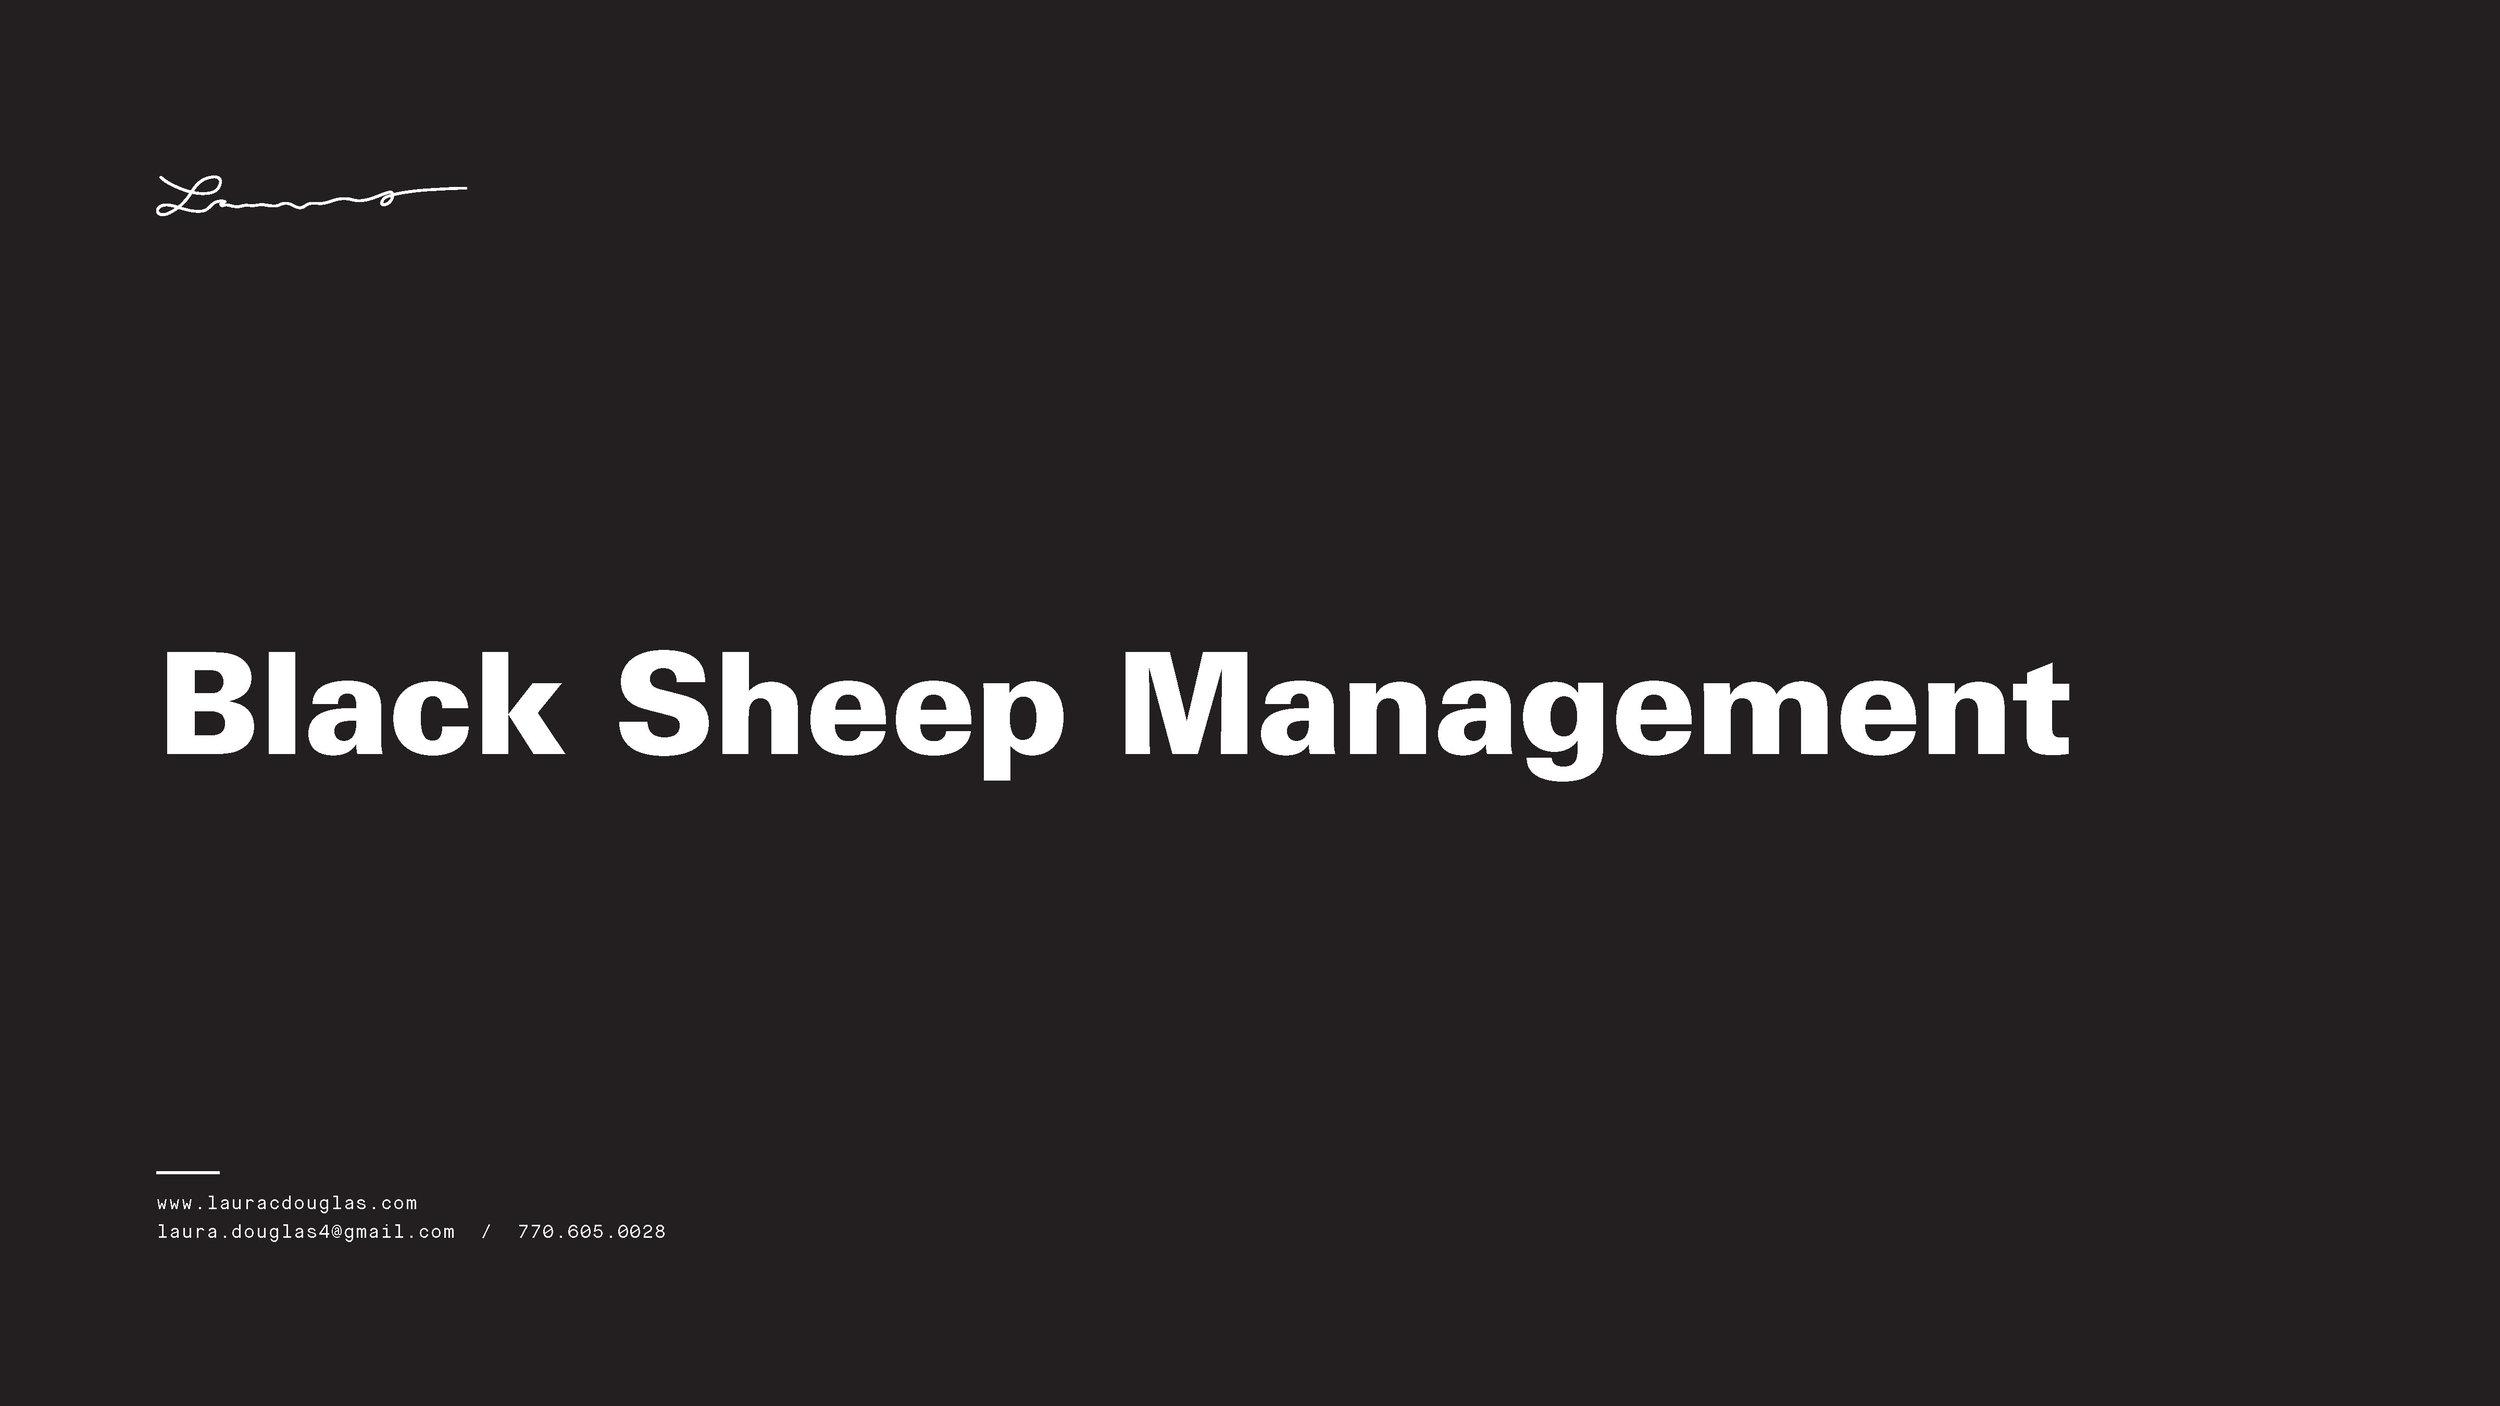 BlackSheepManagement_Logo_v1 2_Page_01.jpg